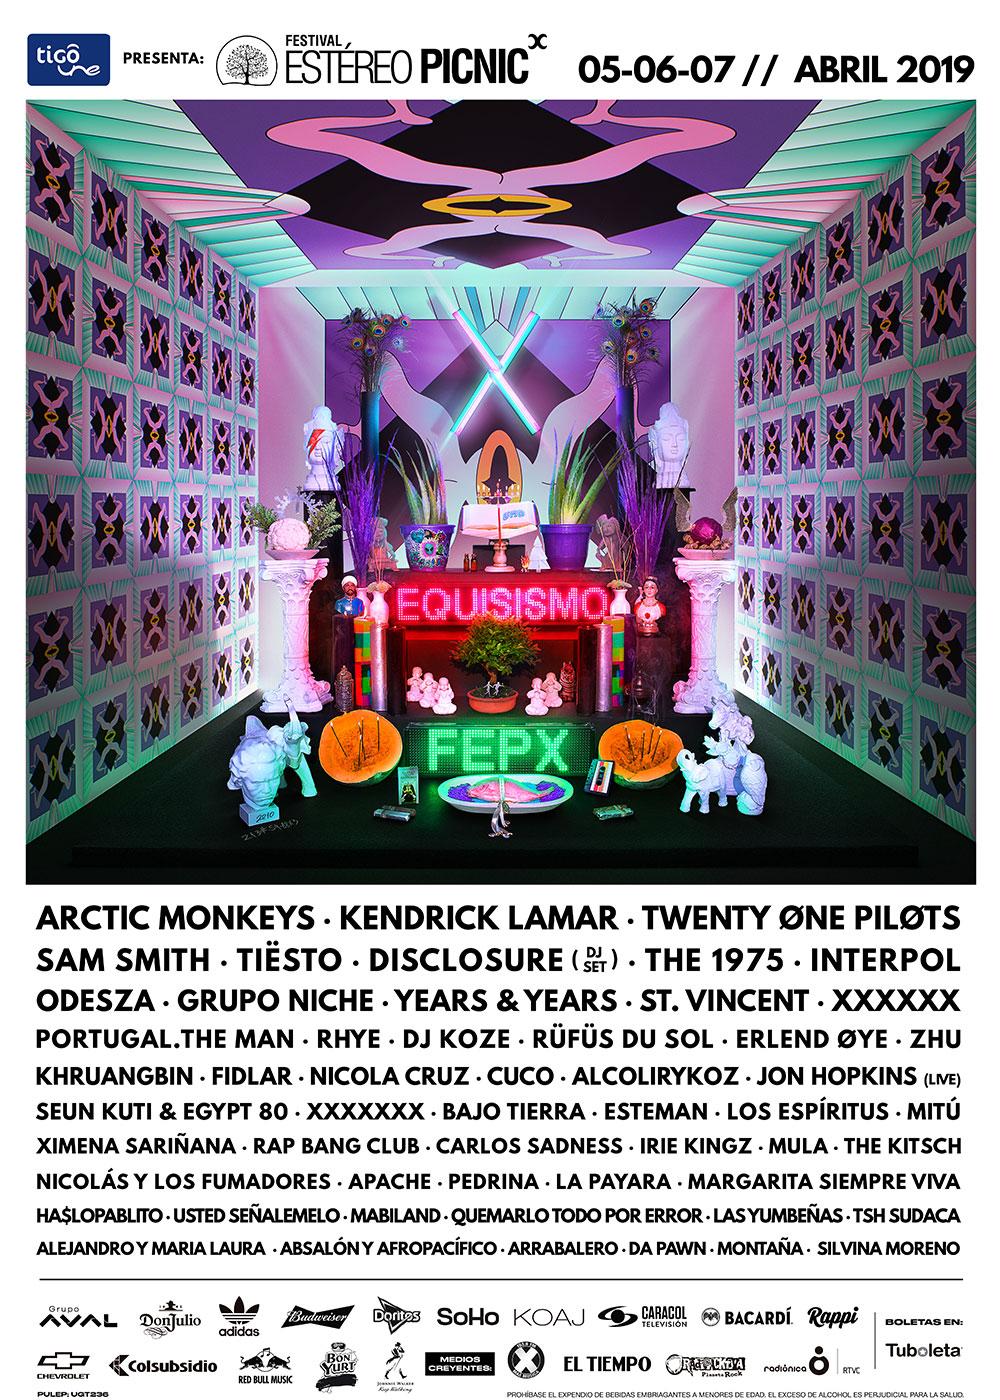 Festival Estéreo Picnic X 2019